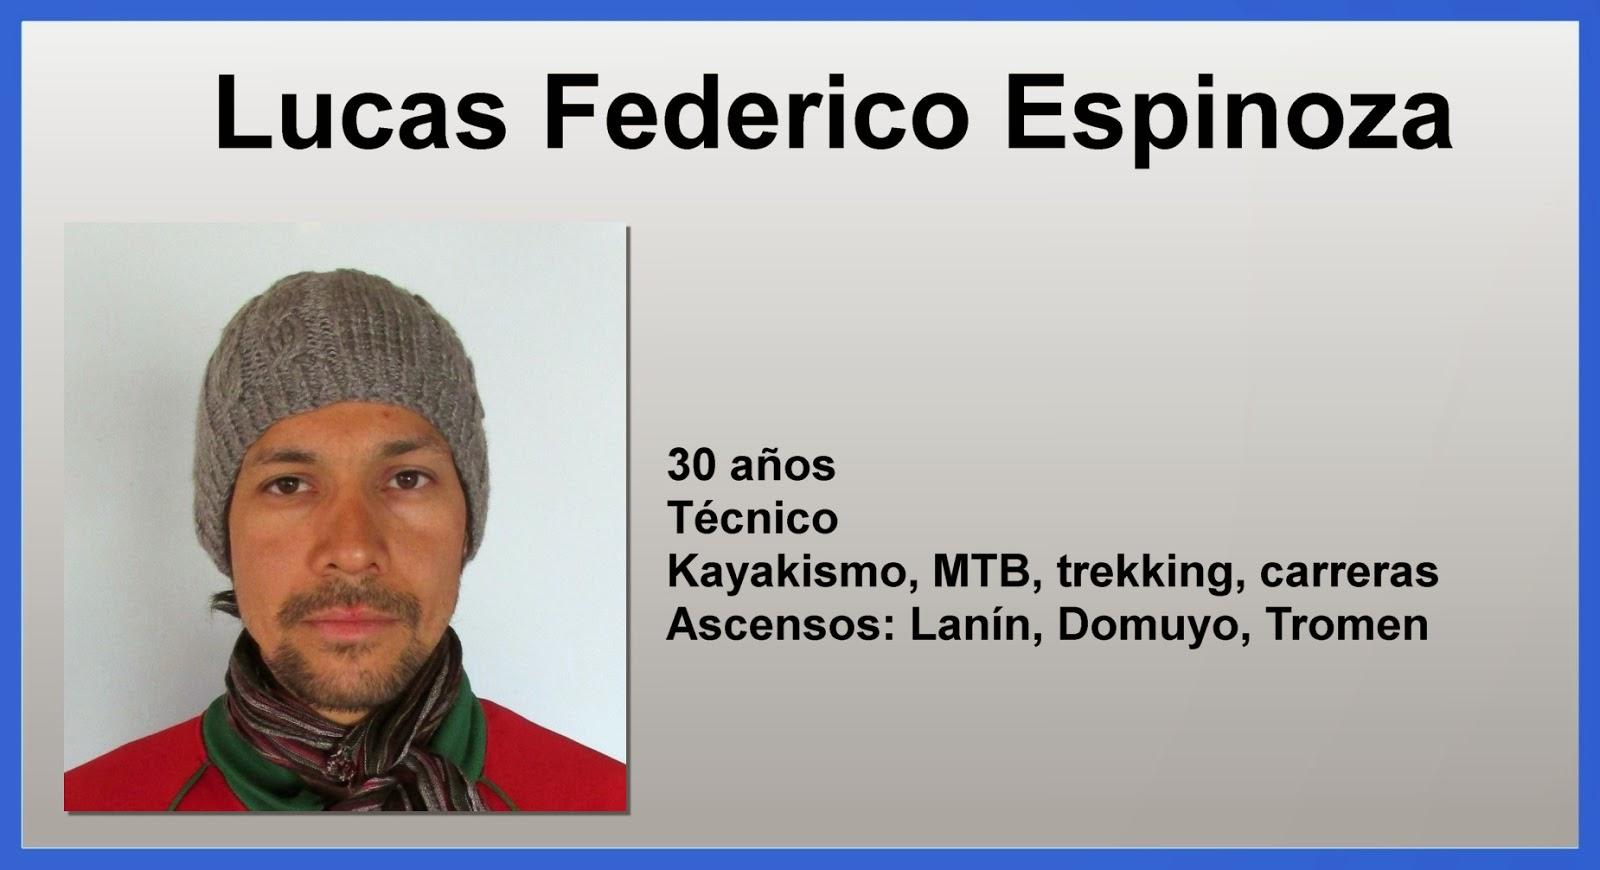 https://www.facebook.com/lucas.espinoza.906?fref=ts